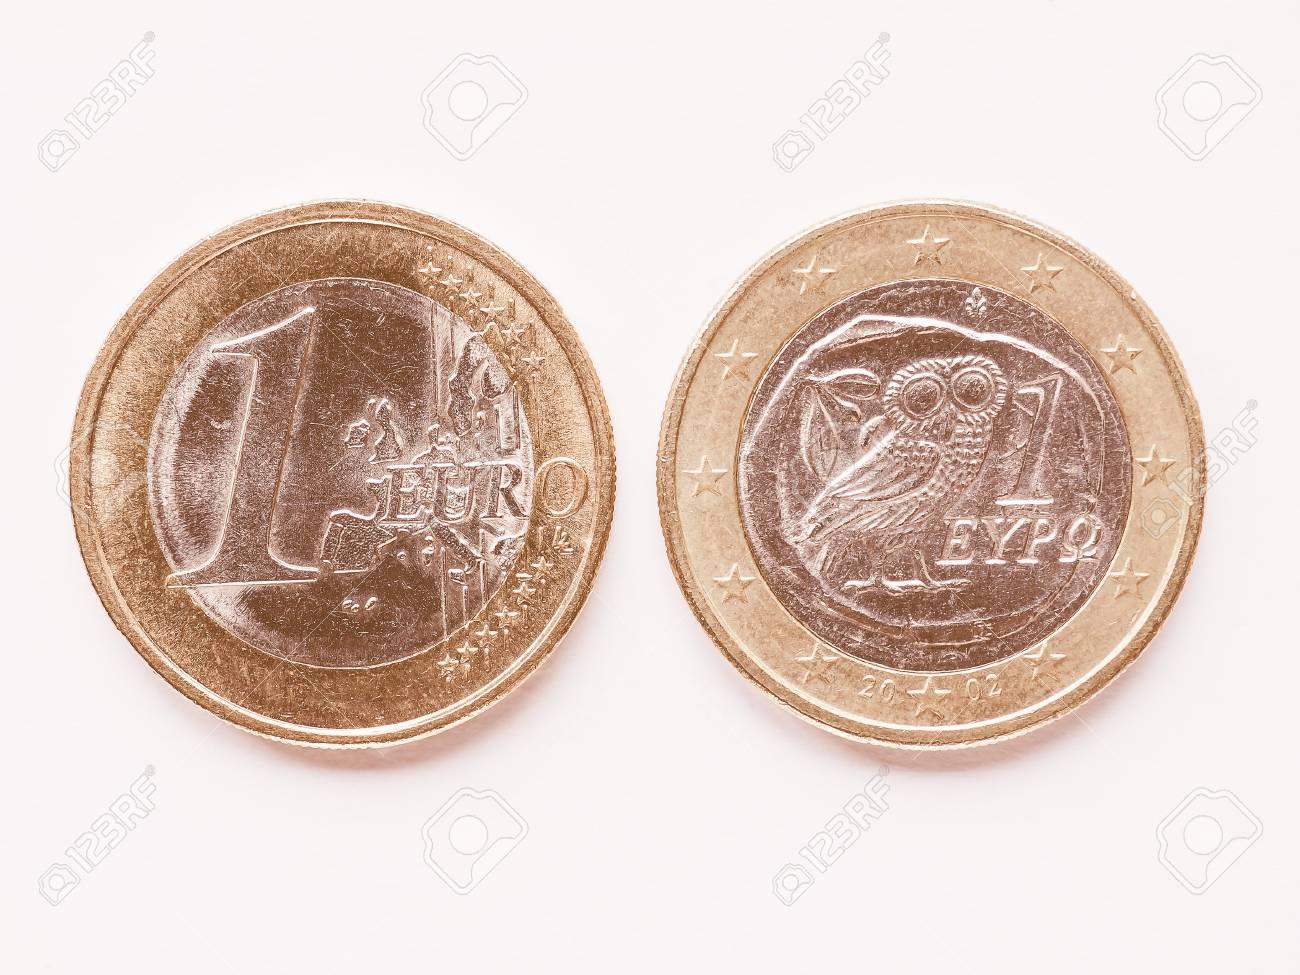 Währung Von Europa 1 Euro Münze Aus Griechenland Jahrgang